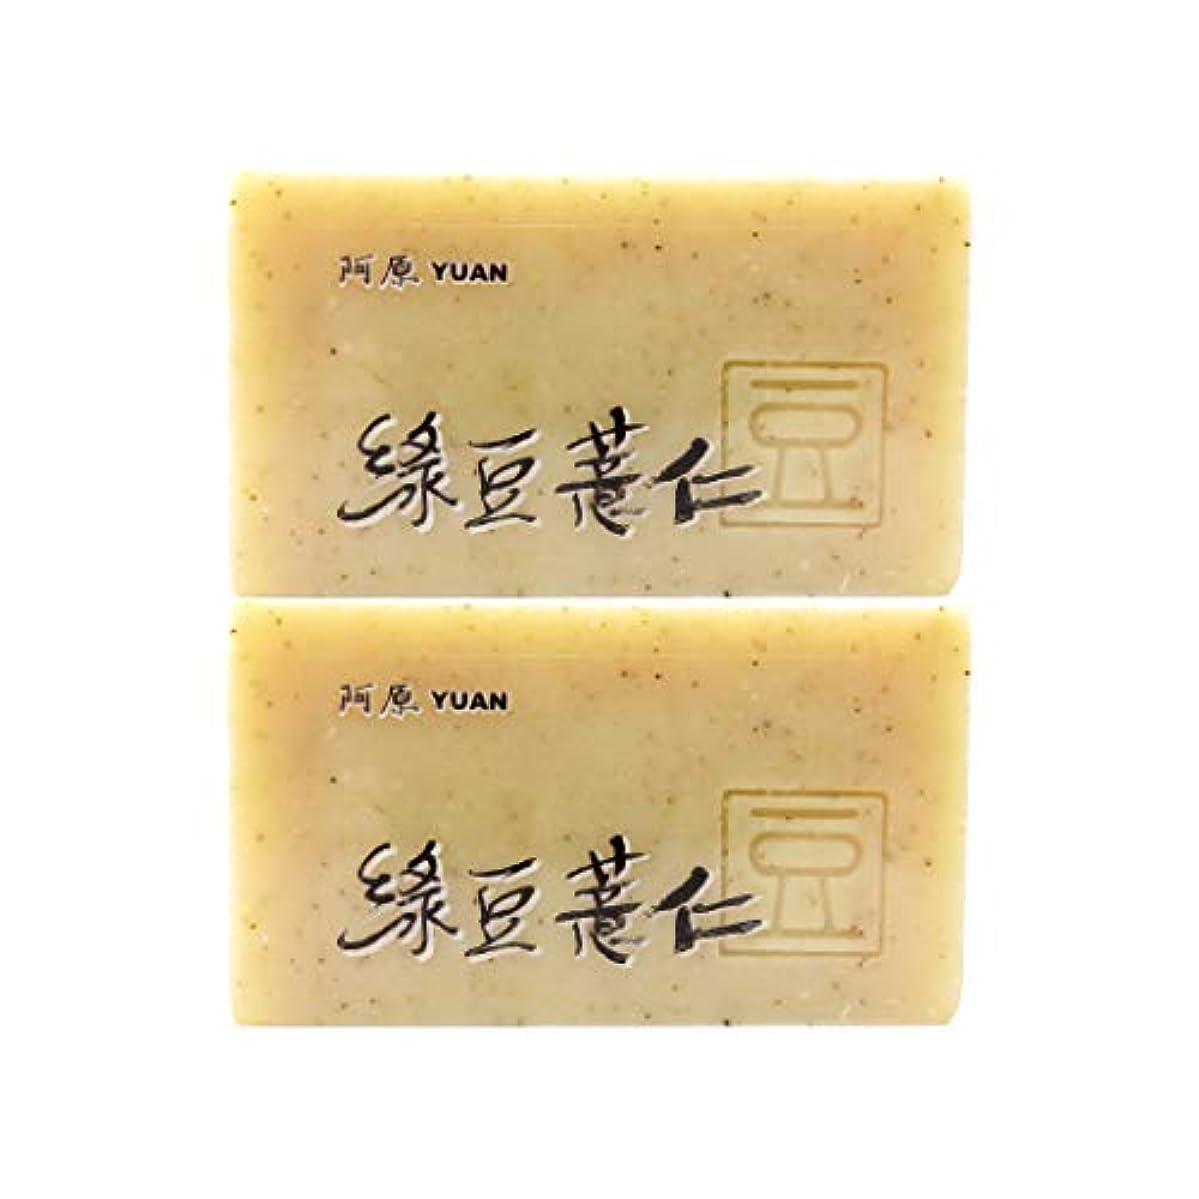 寝具奇跡的な歯痛ユアン(YUAN) ハトムギ+リョクトウソープ 100g (2個セット)